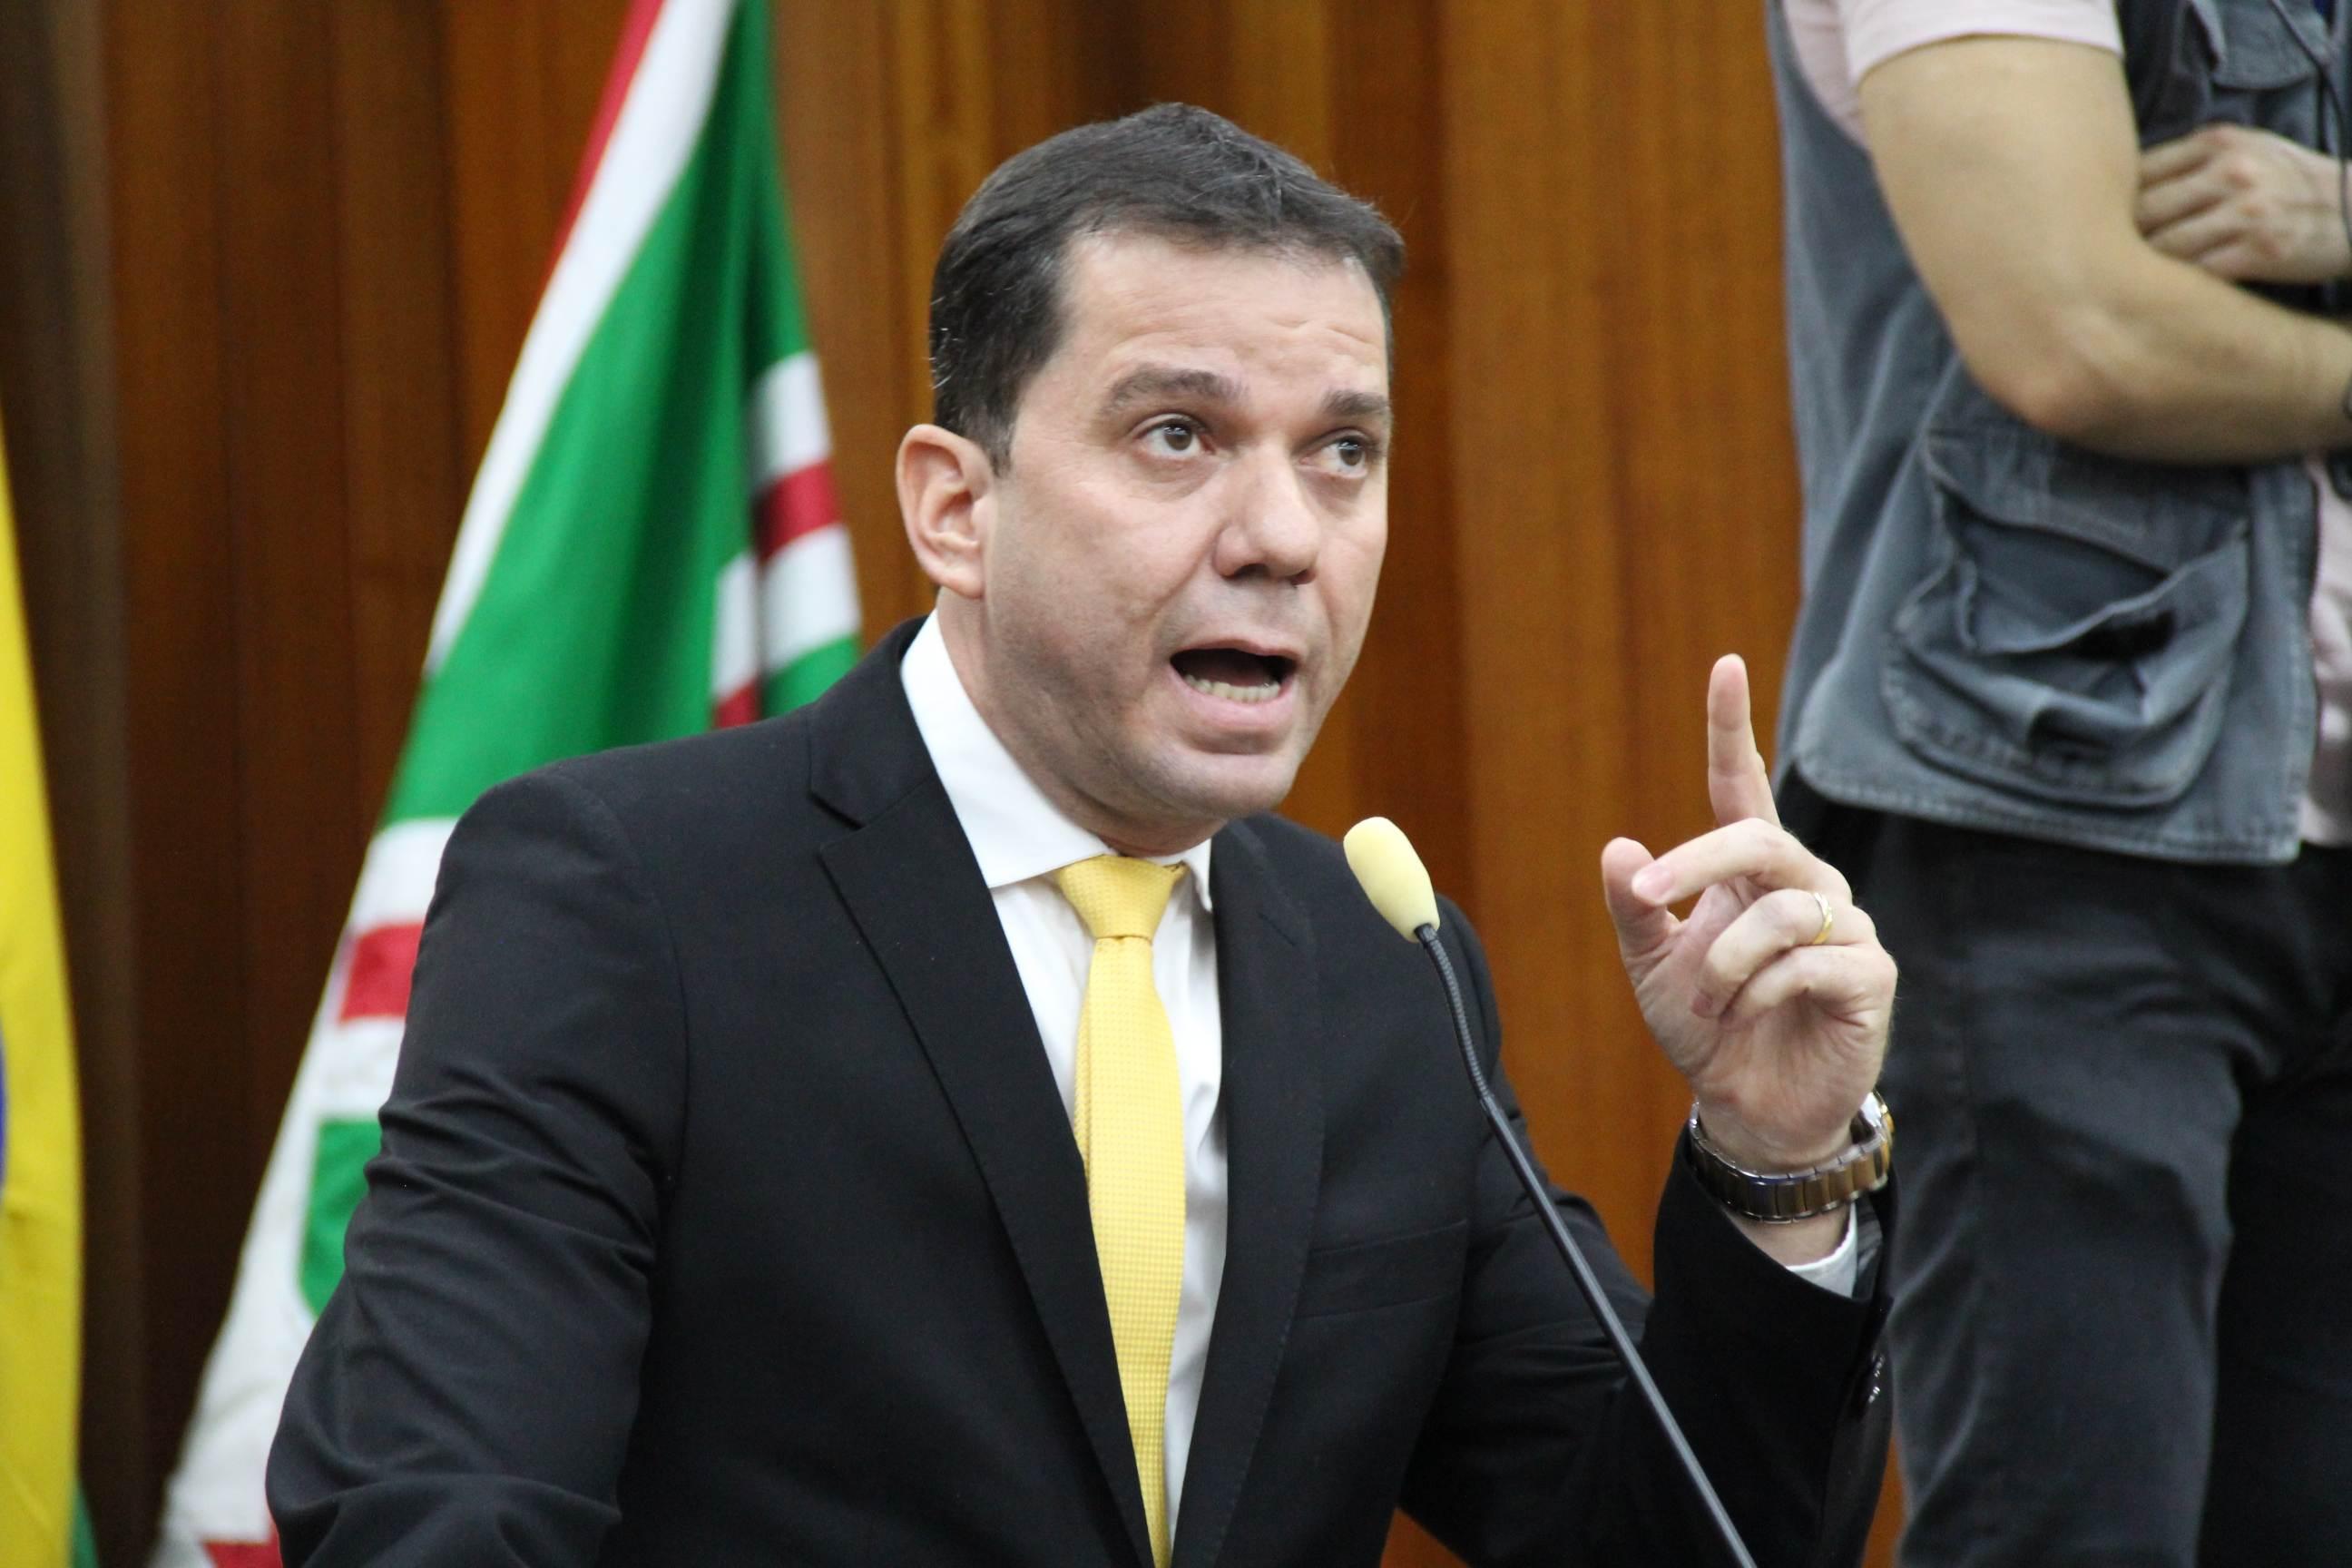 Vereador Alysson Lima (PRB) apresentou na Câmara Municipal de Goiânia proposta que determina tempo máximo de espera por ônibus em Goiânia | Foto: Reprodução/Câmara